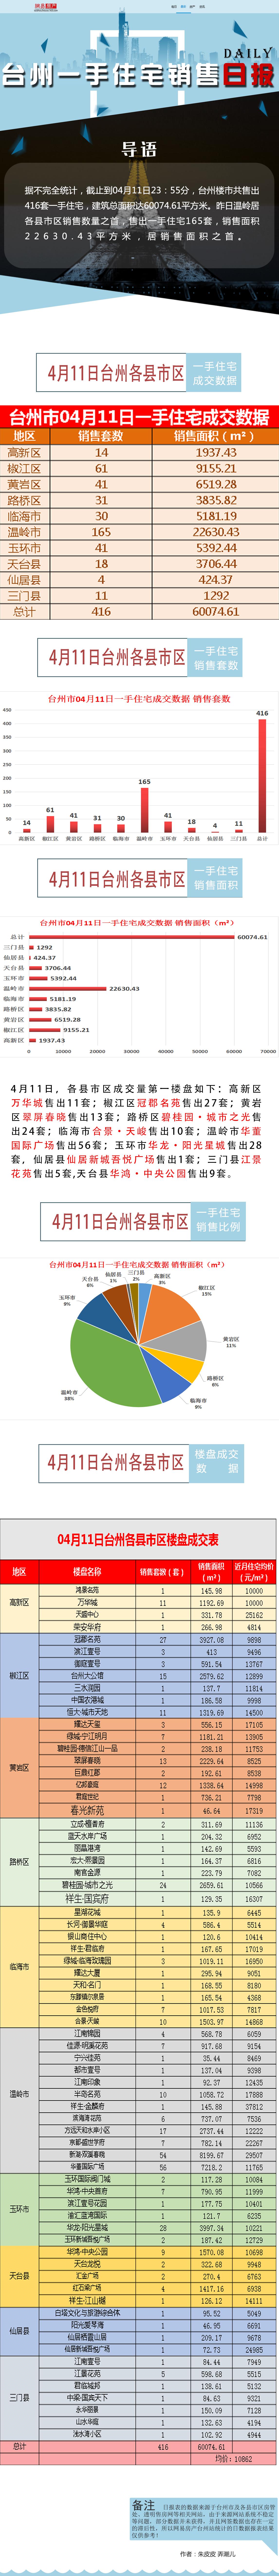 2018年4月11日台州市一手住宅成交416套